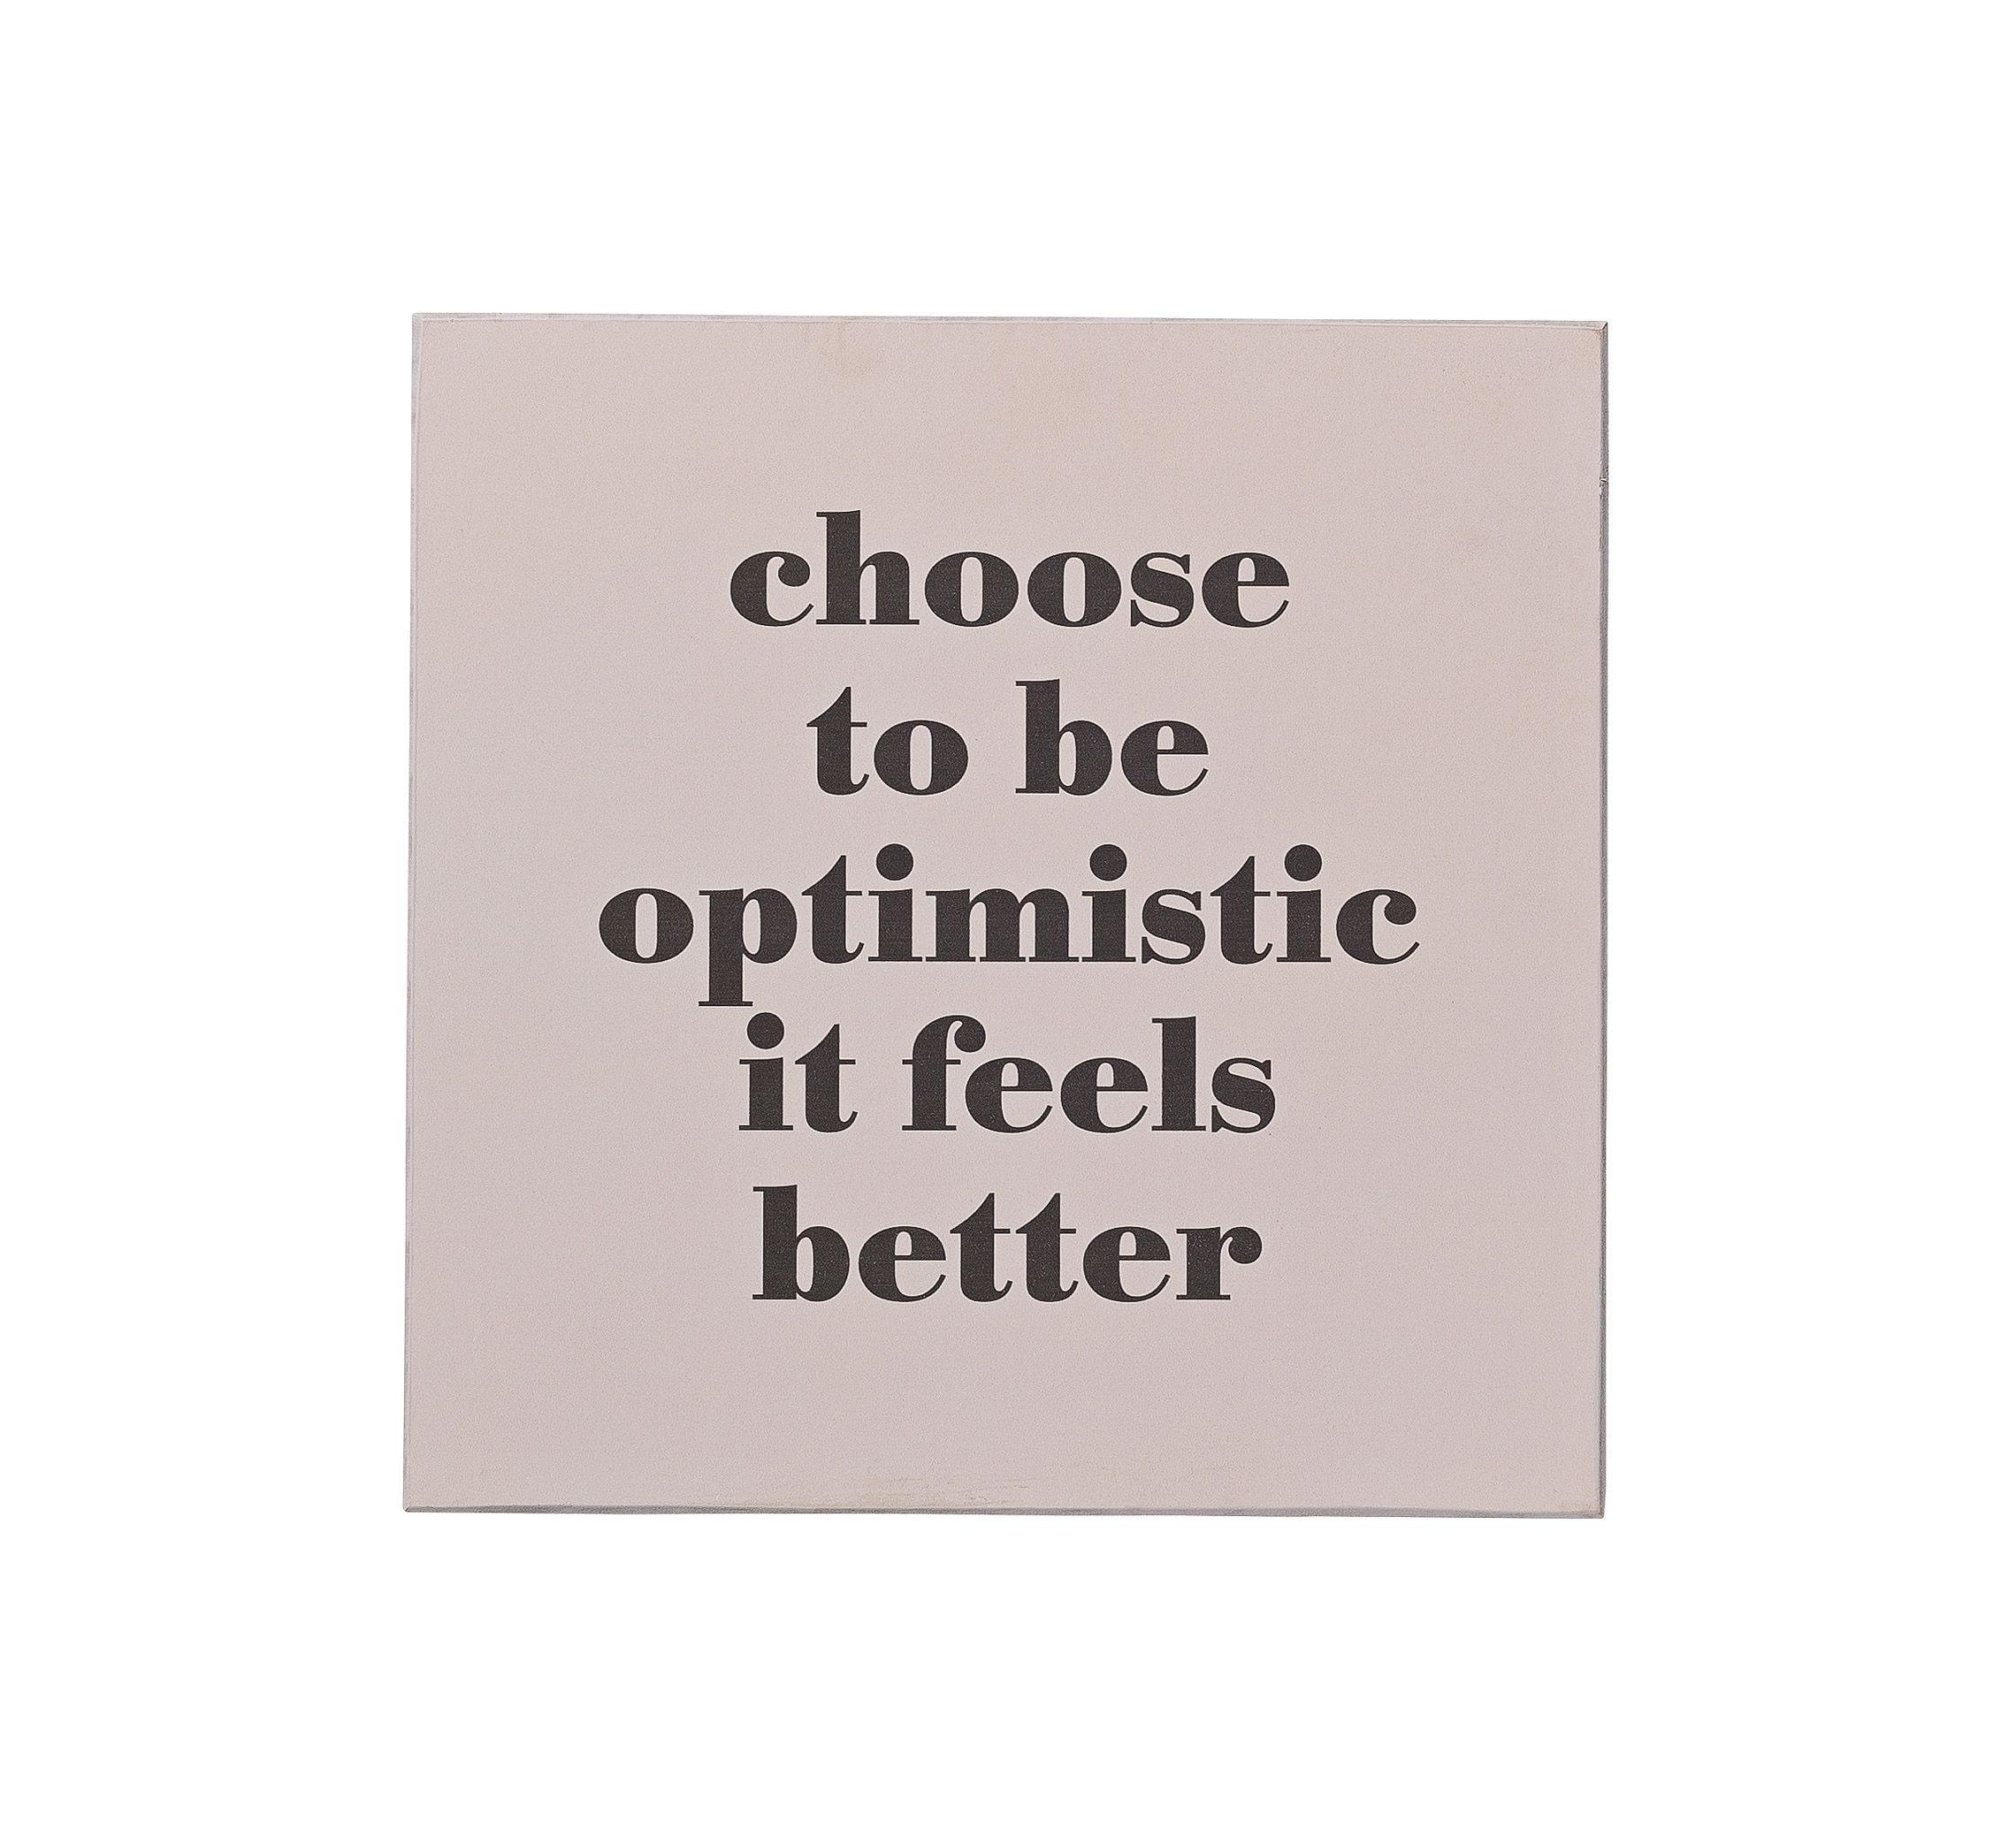 Tableau - Optimistic